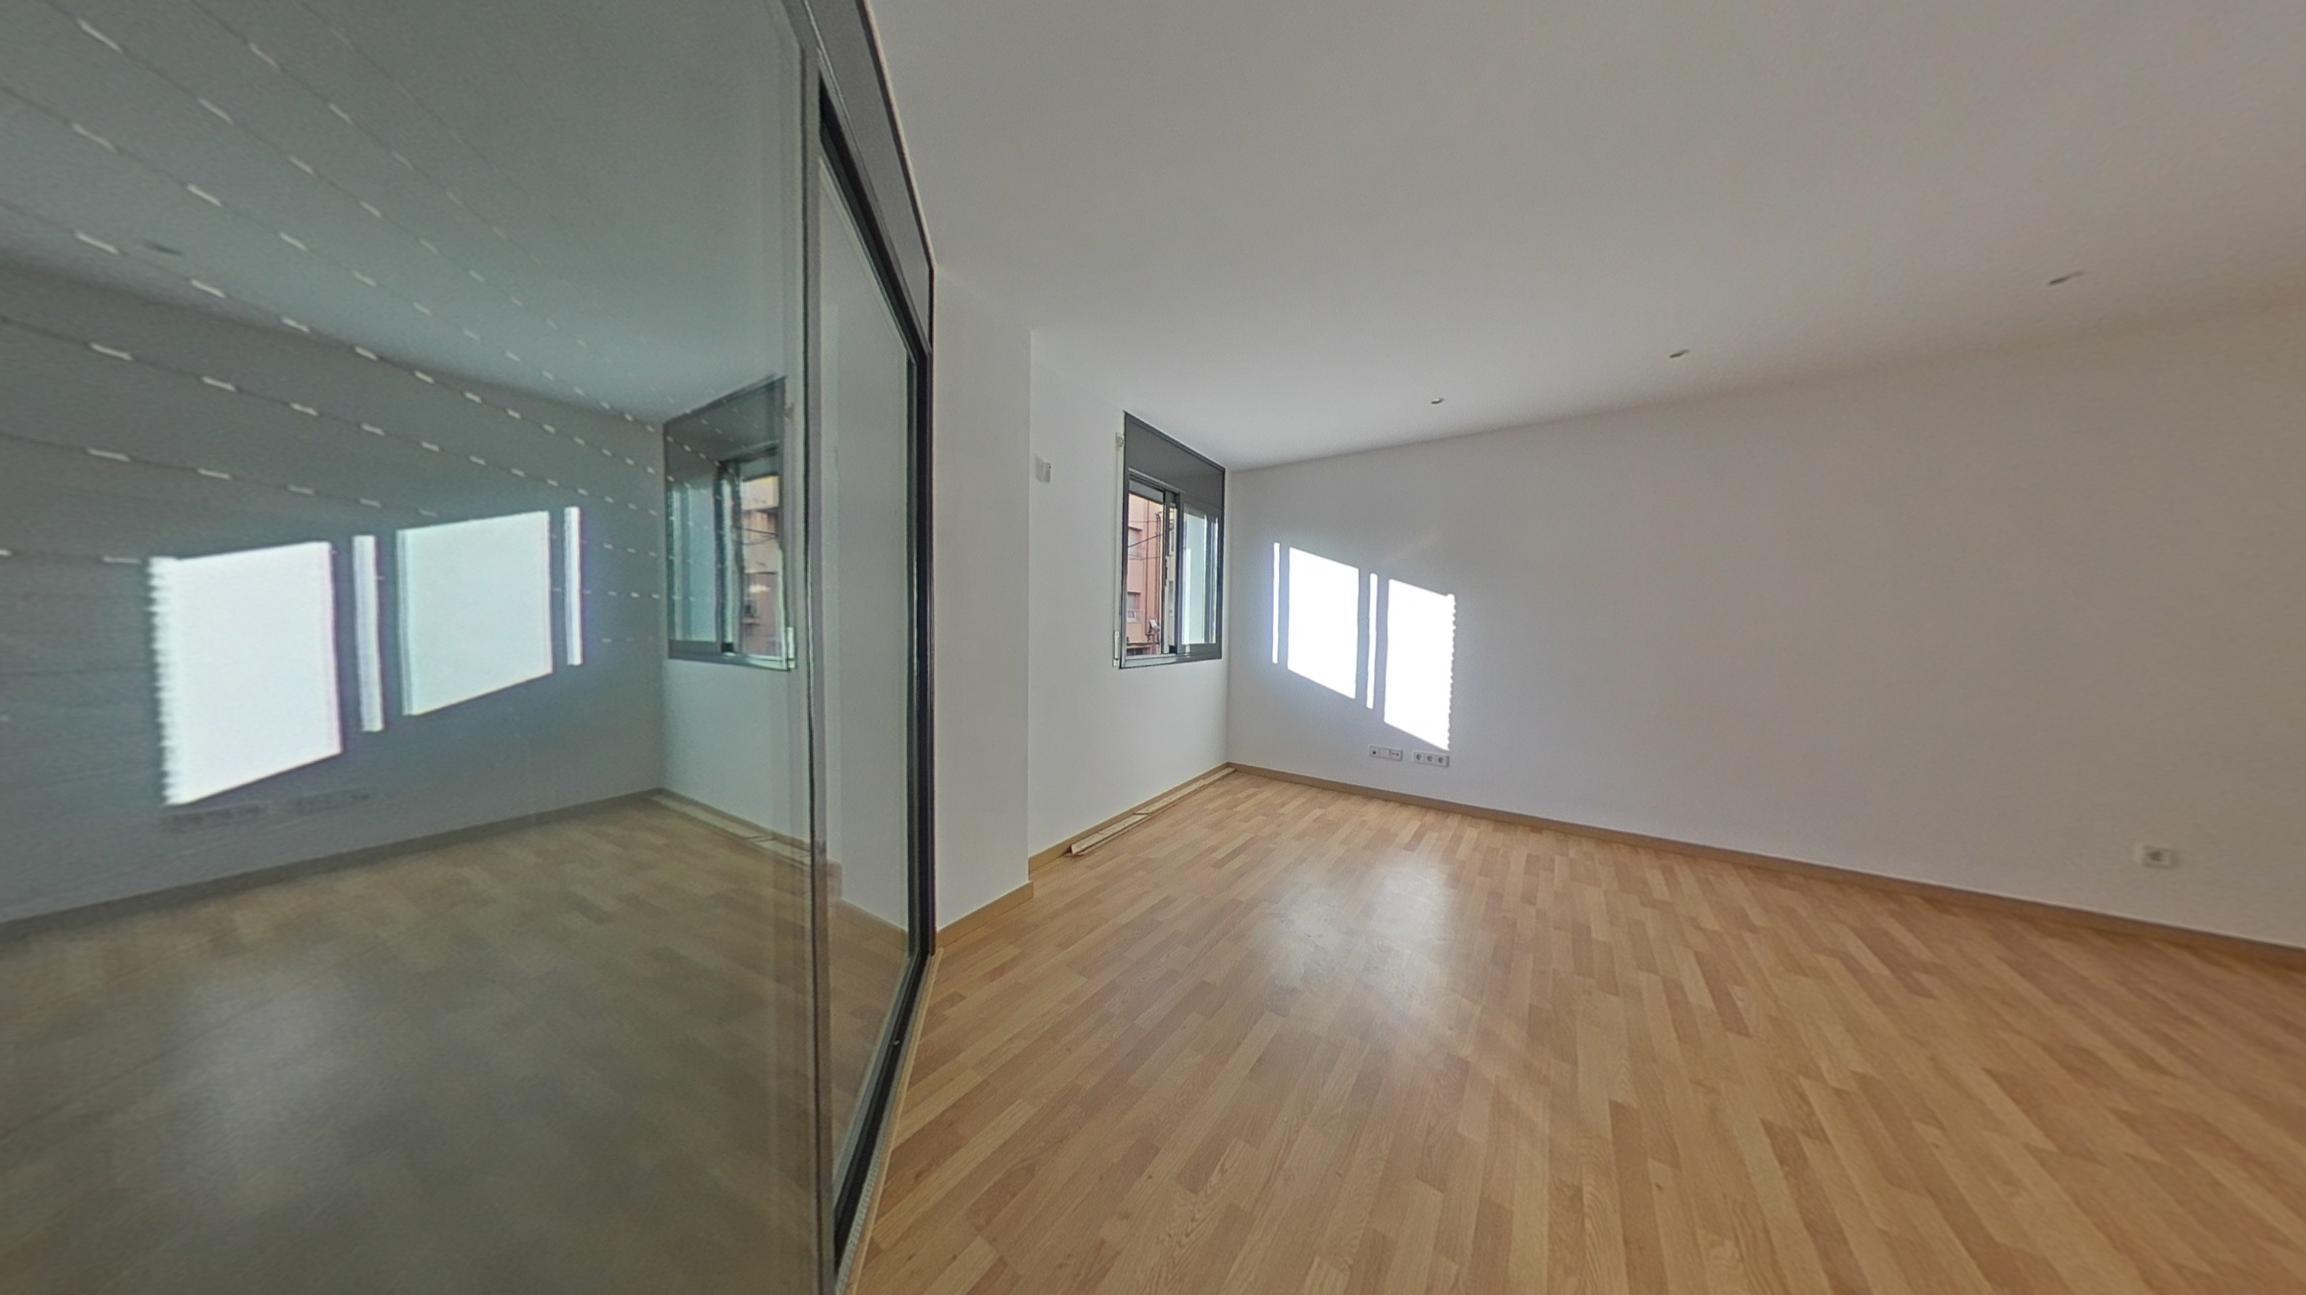 Alquiler Piso  C/ girona. Solvia inmobiliaria - piso terrassa